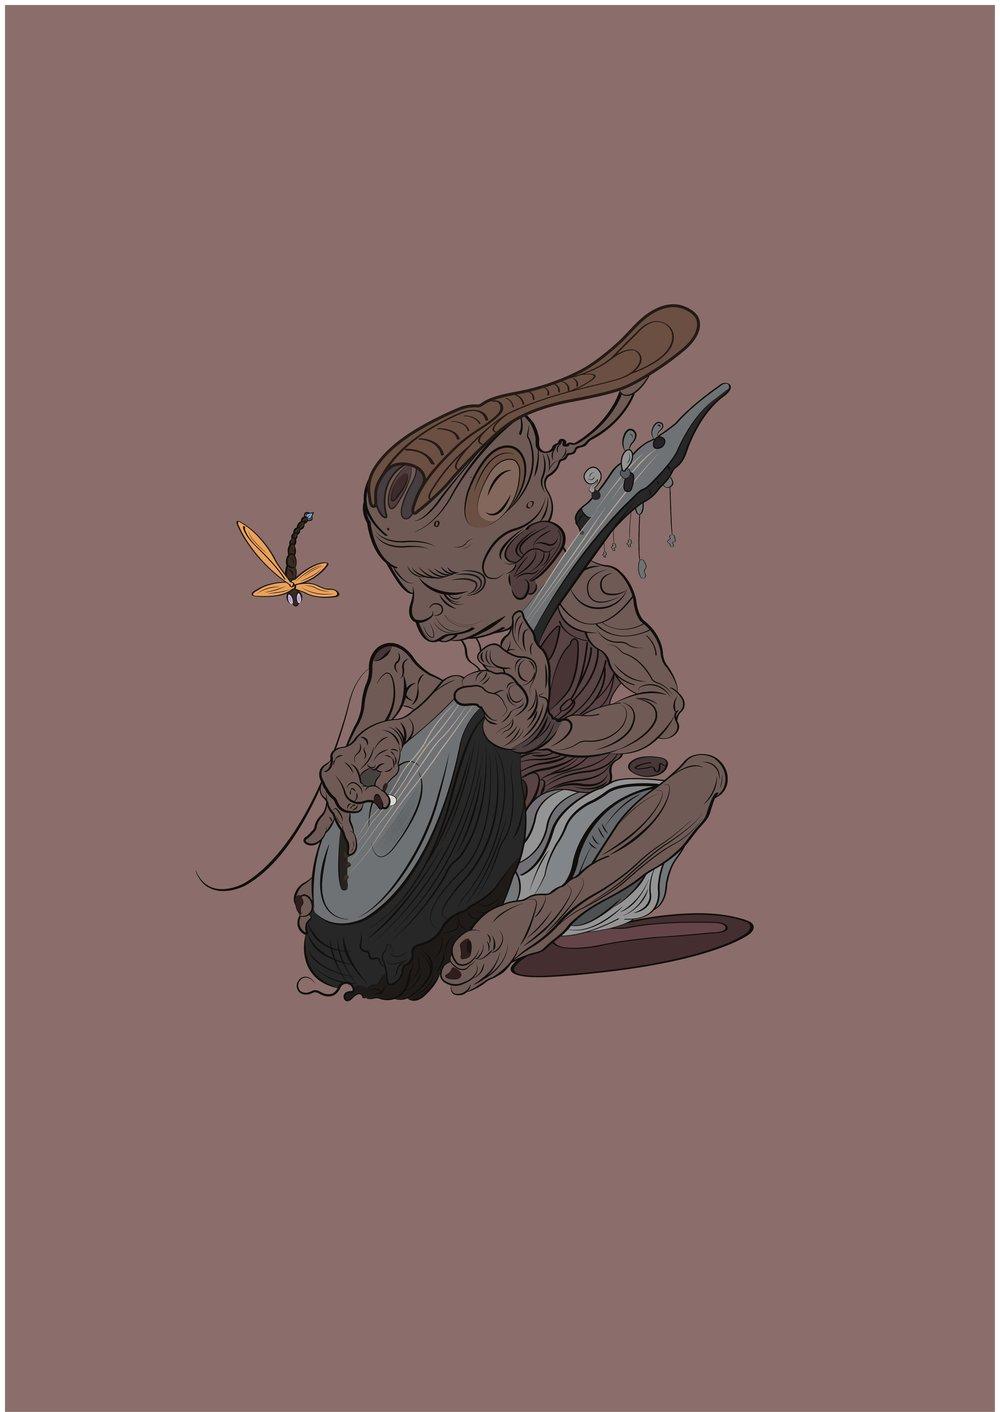 Kashiro_by_Thabang_Tlhako-1-min.jpg